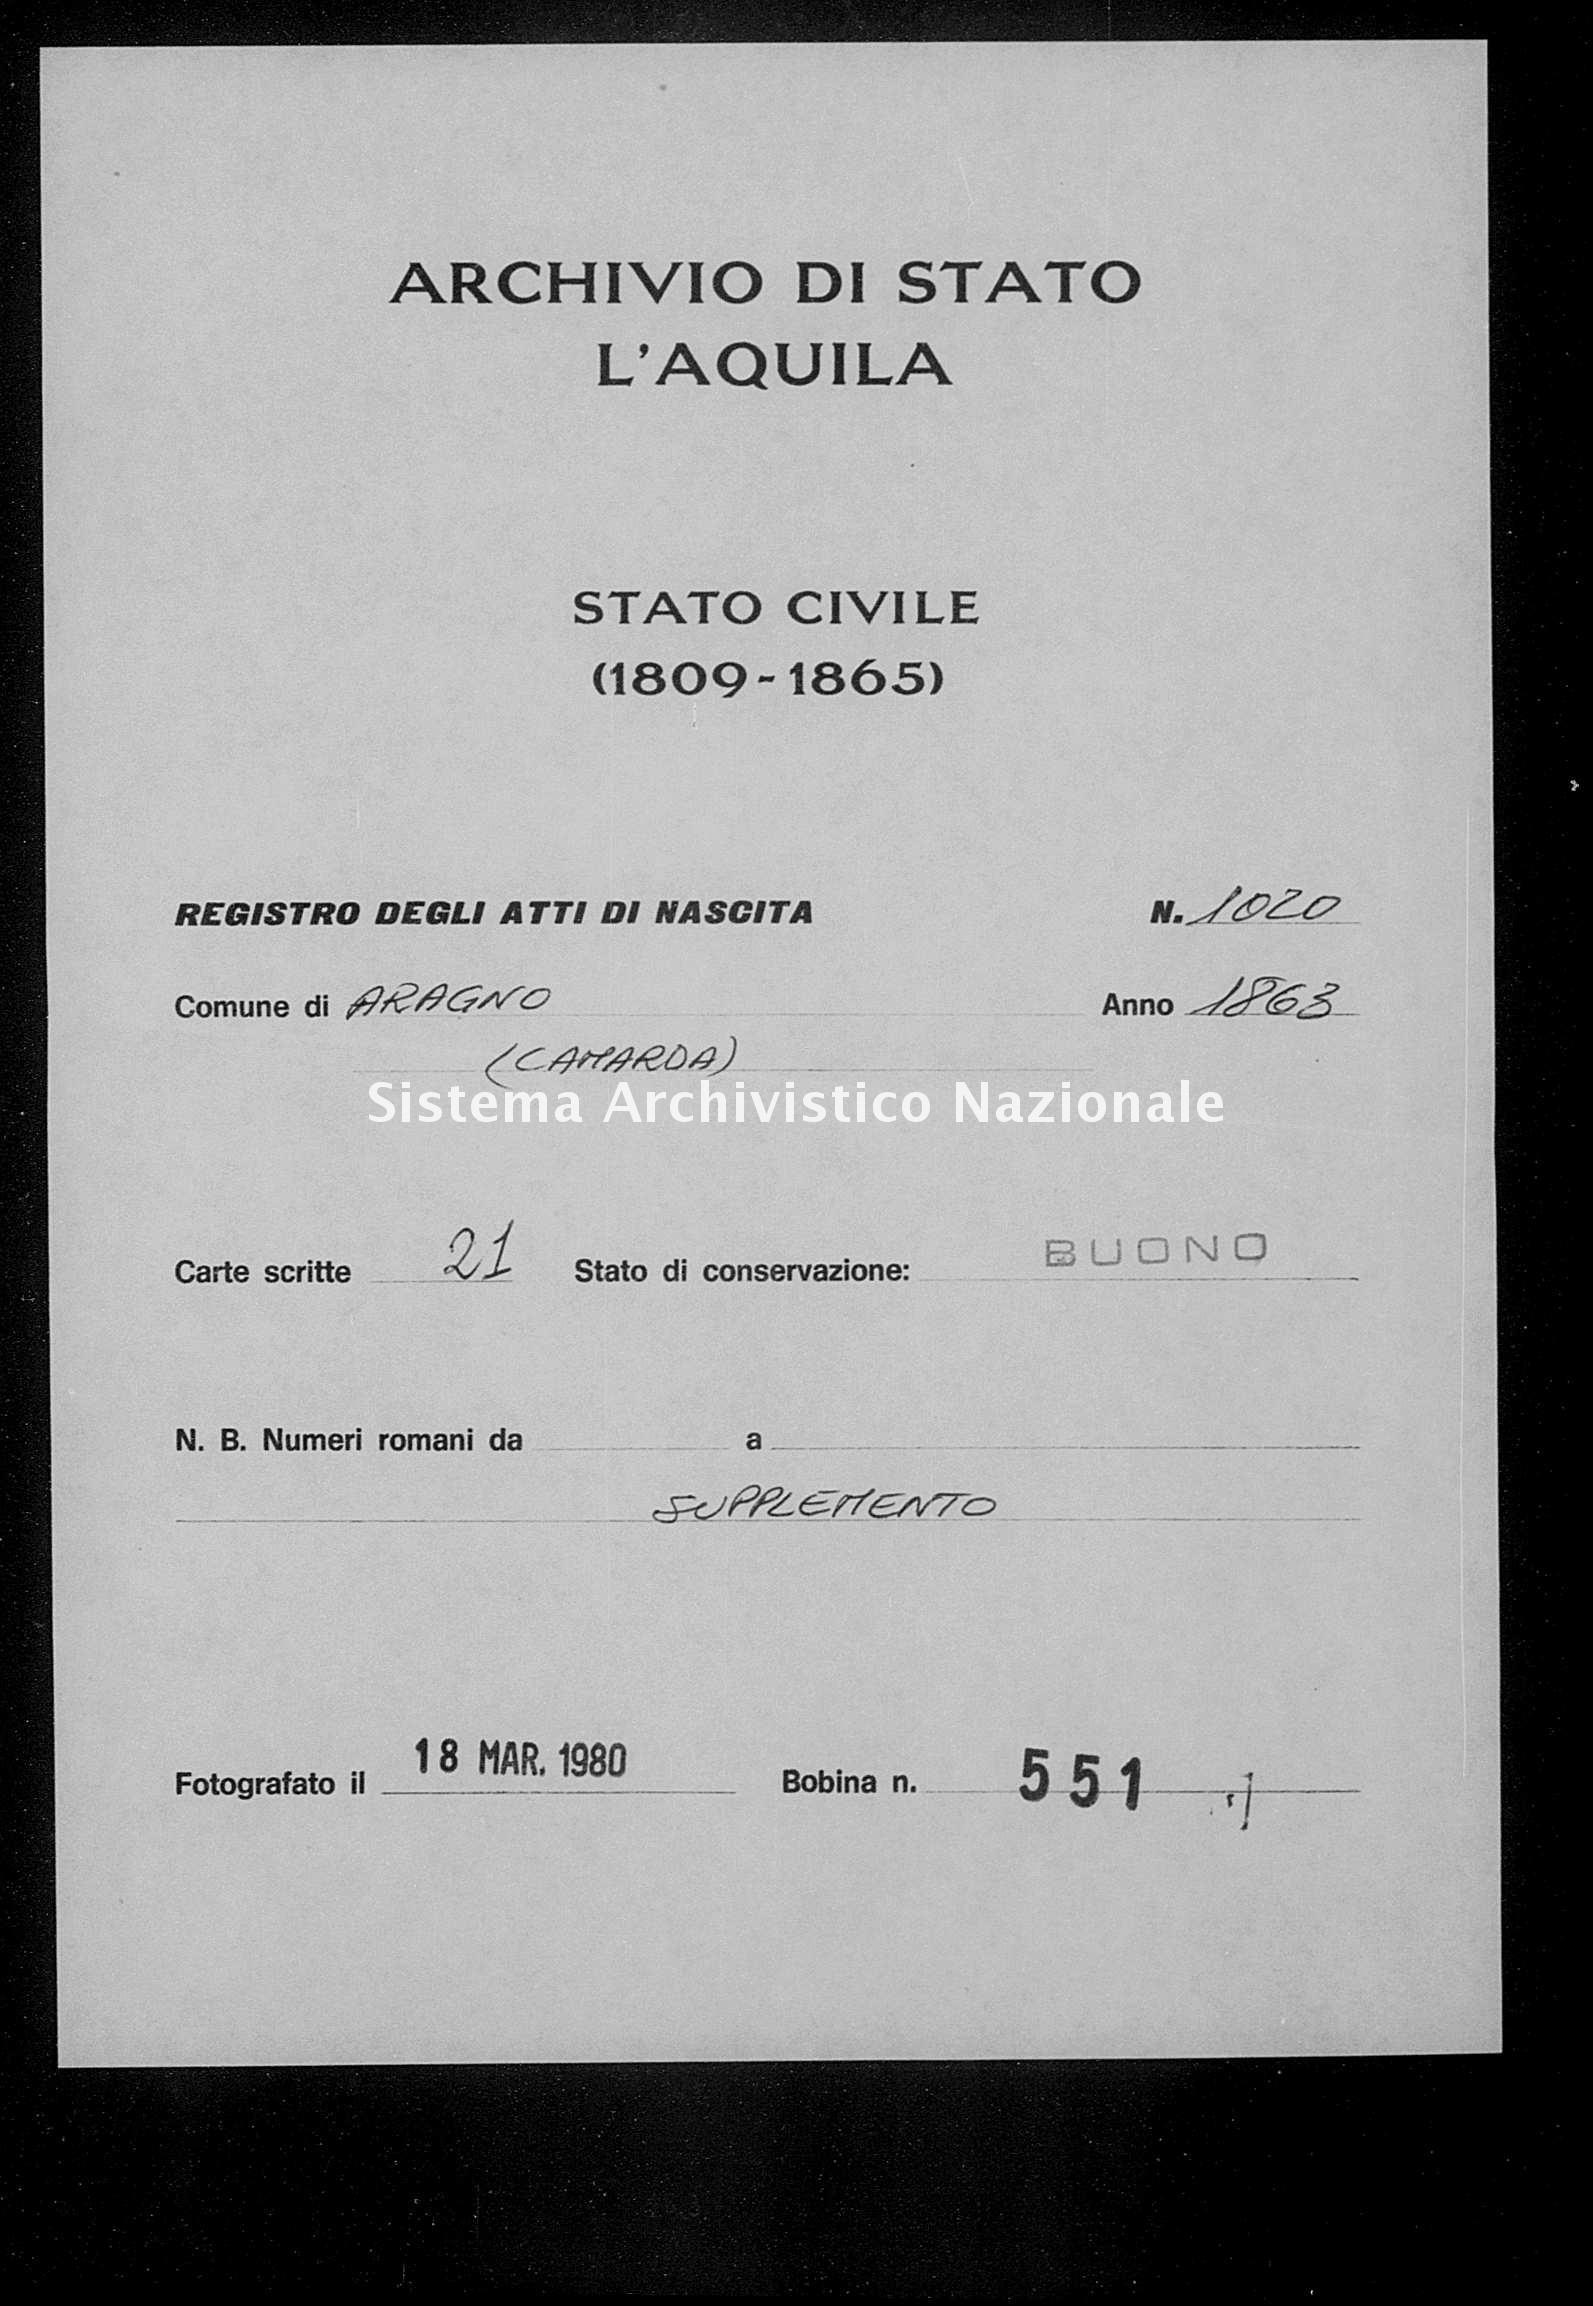 Archivio di stato di L'aquila - Stato civile italiano - Aragno - Nati, battesimi - 1863 - 1020 -